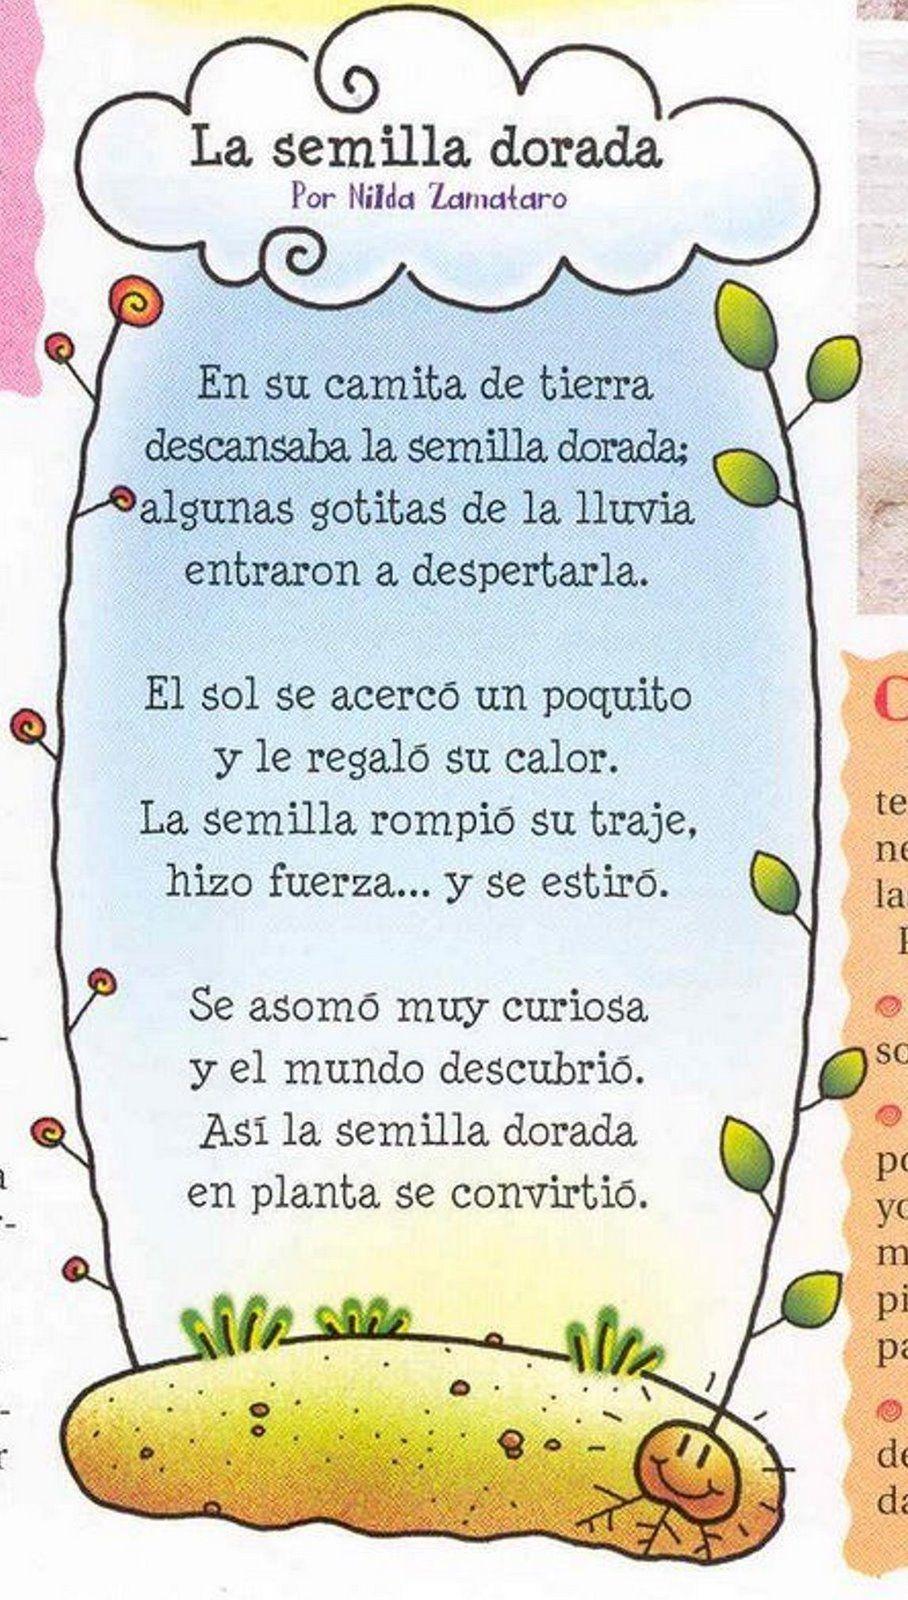 Poesias o rimas sobre las flores o plantas para ni os for En 4 meses termina el ano